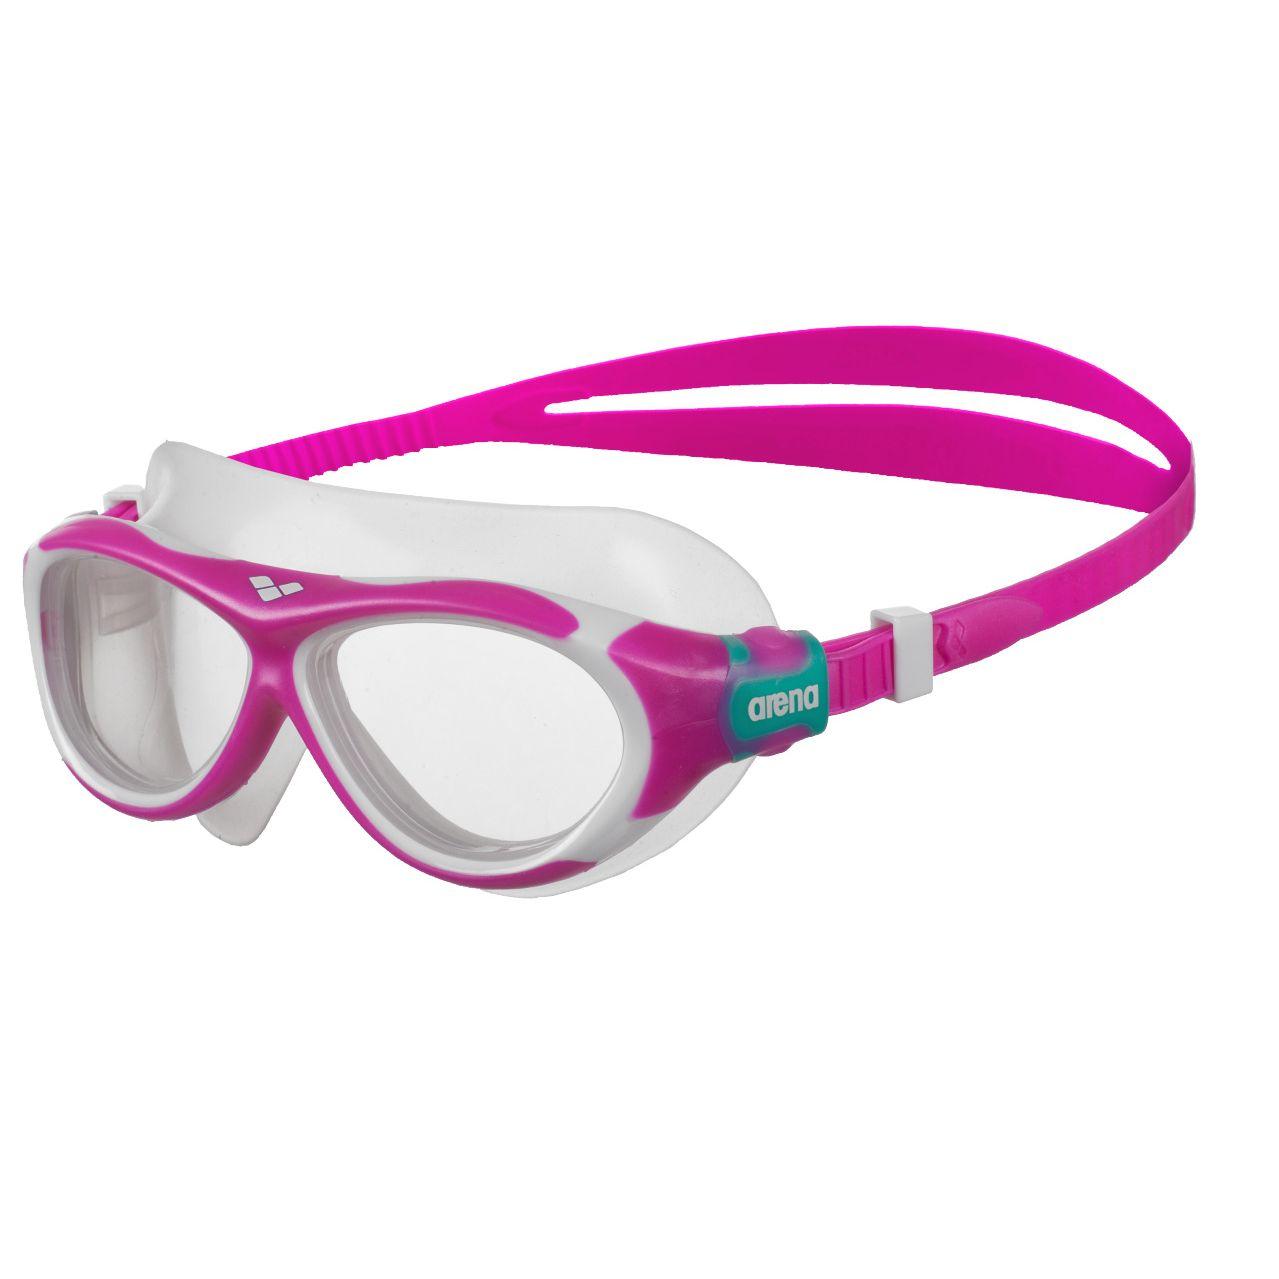 Goggles de Natación arena para Niños Oblo Junior_6008